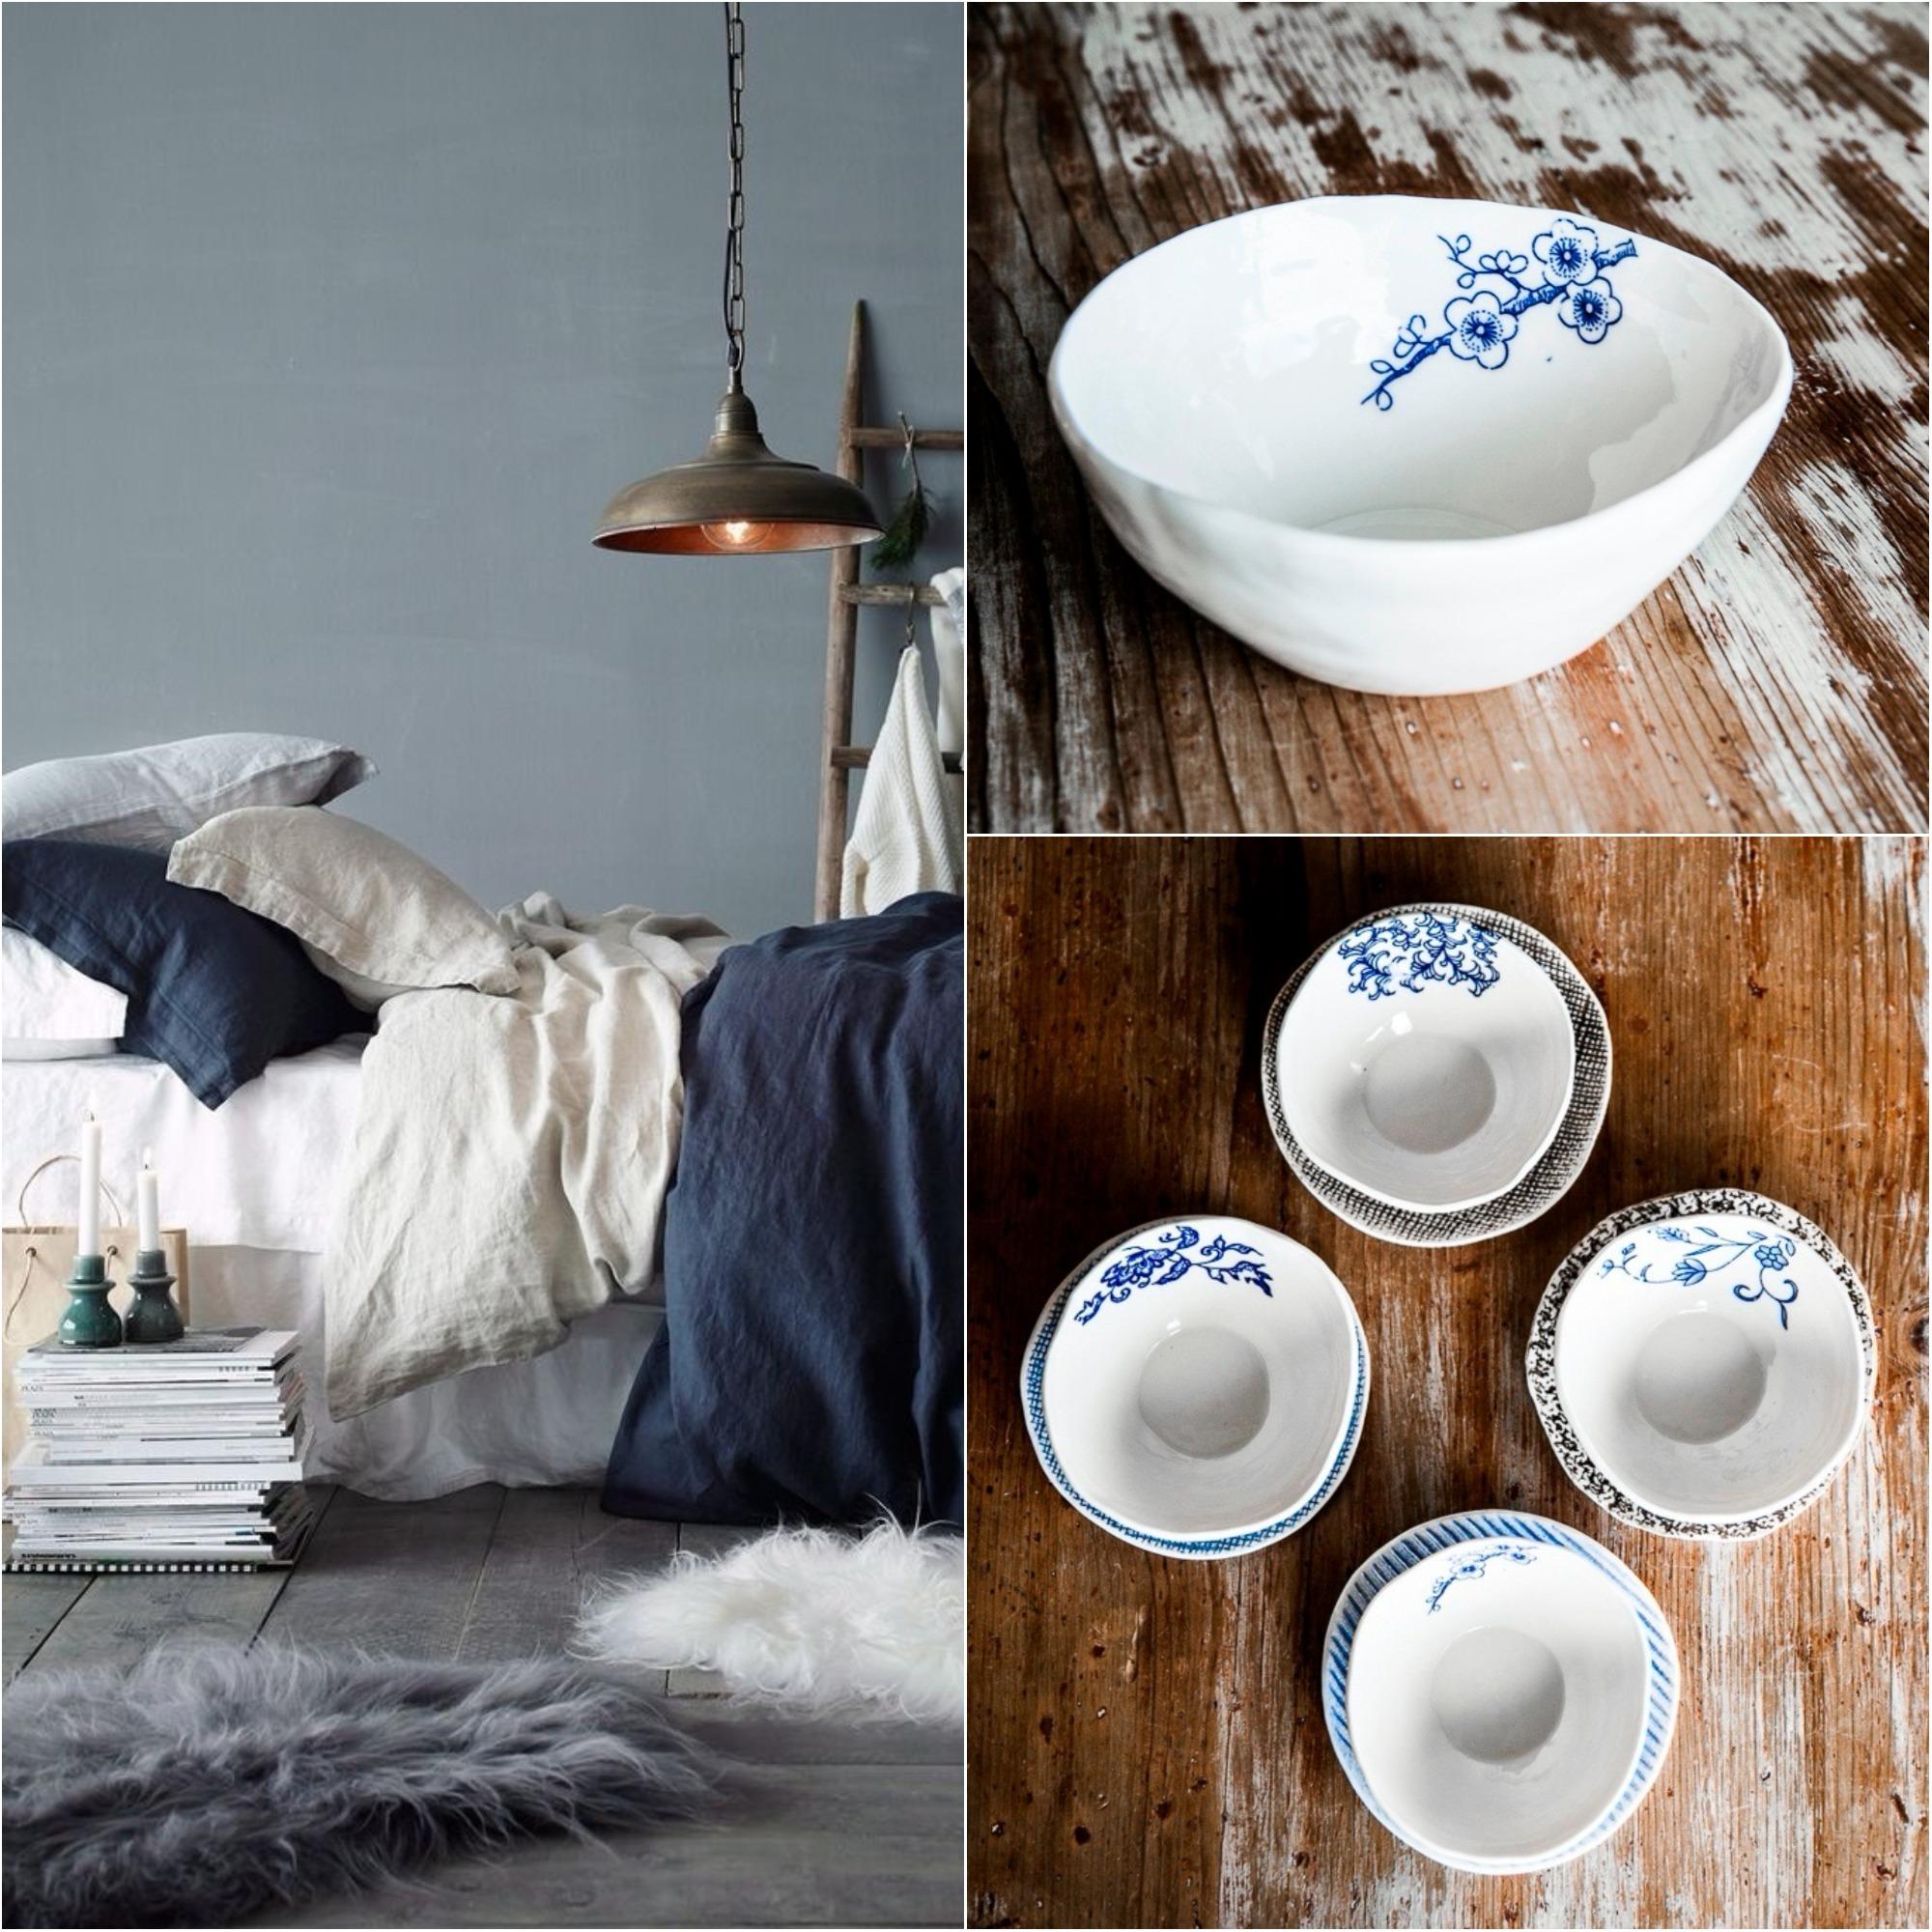 blue porcelain bowls